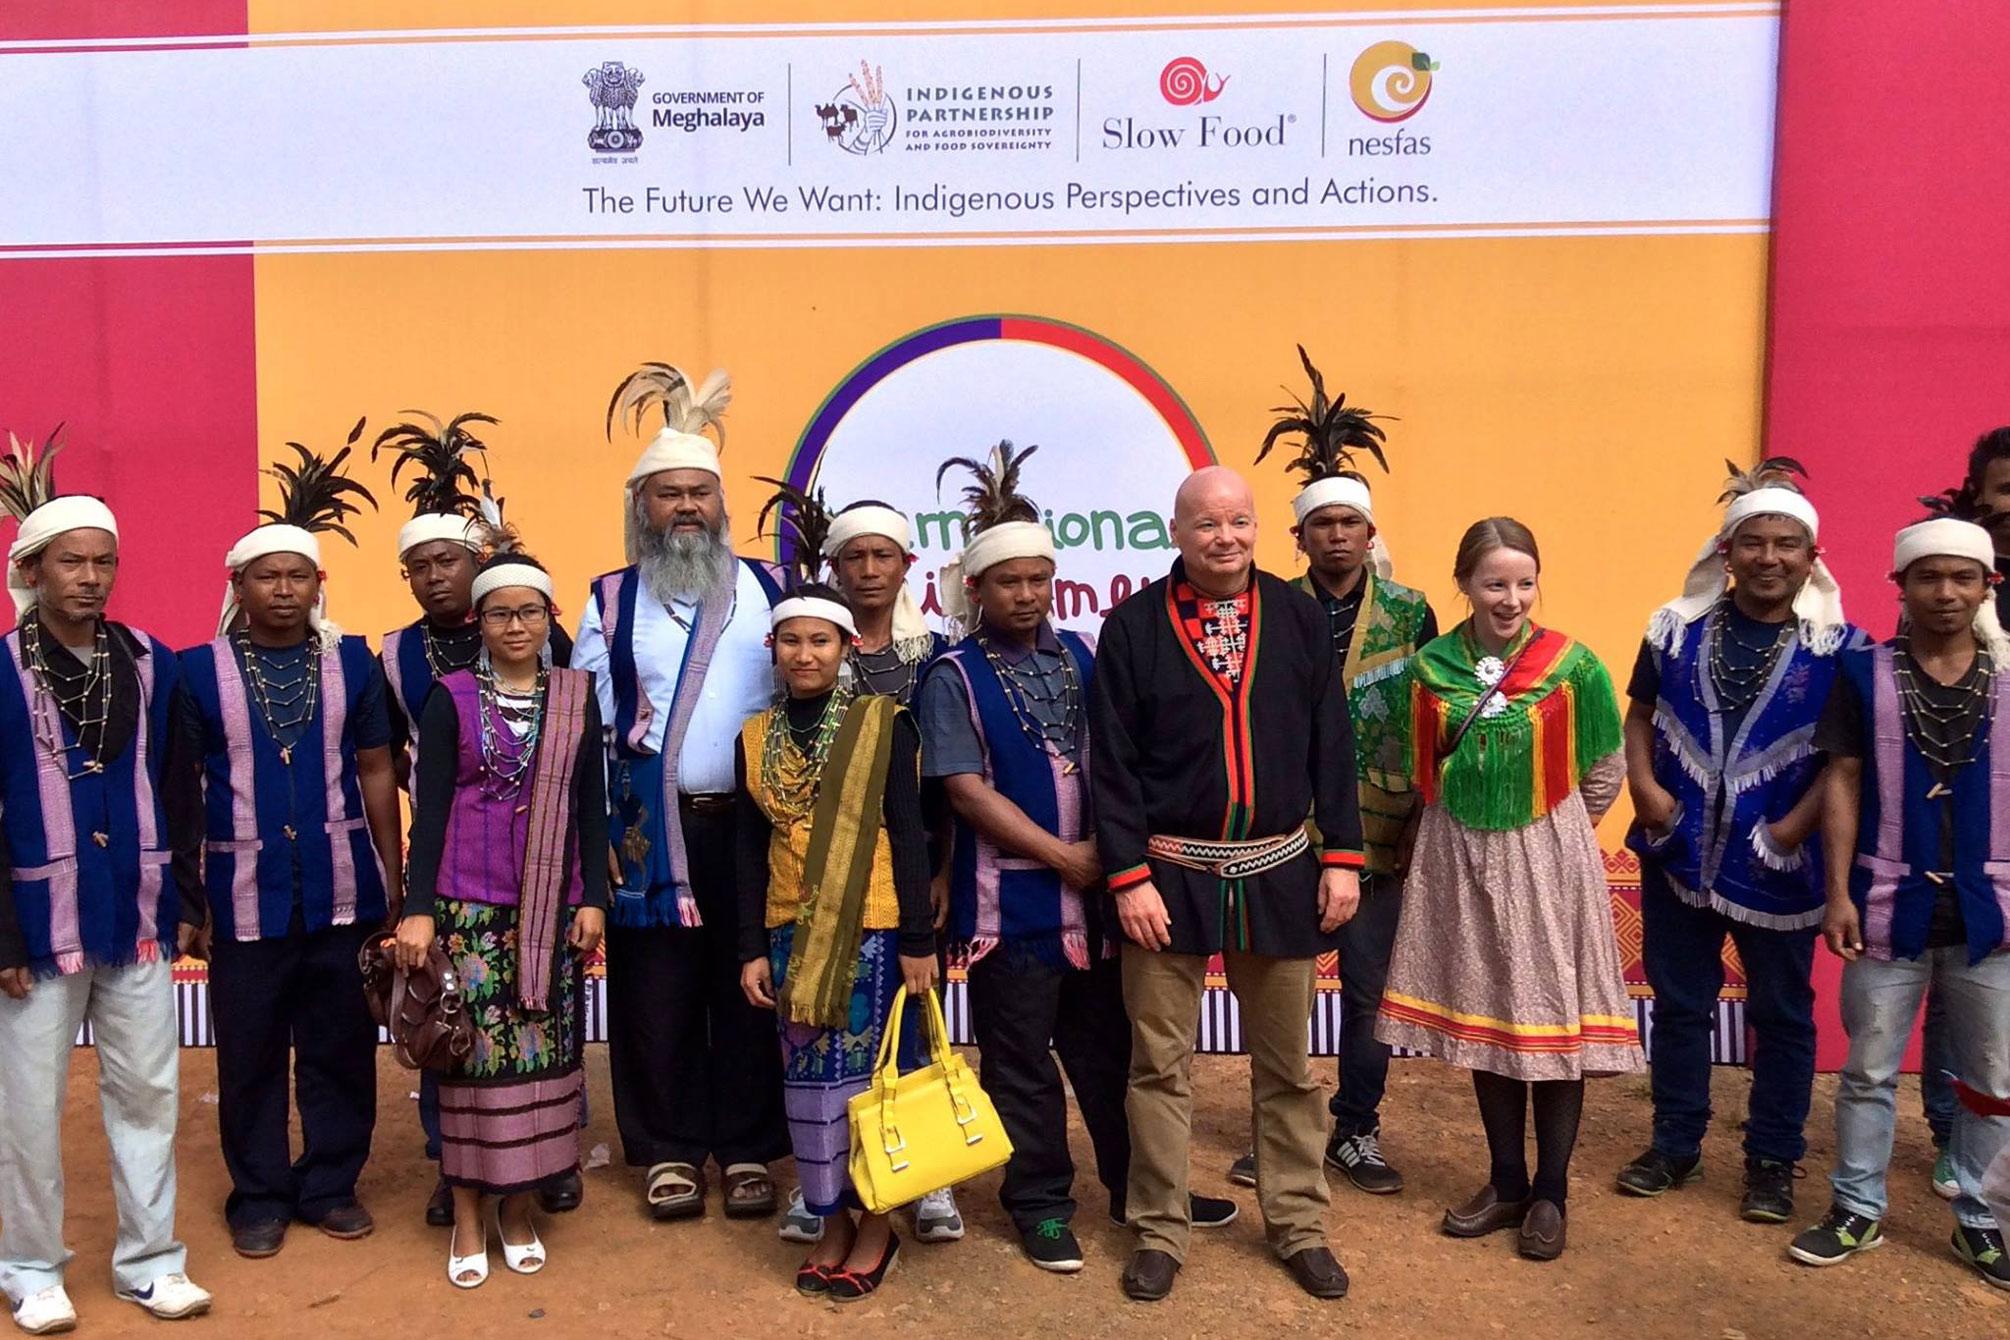 Jürgen Körber, Metzgermeister bei den Herrmannsdorfer Landwerkstätten fährt zum Indigenous Terra Madre Treffen nach Indien. | © Slow Food